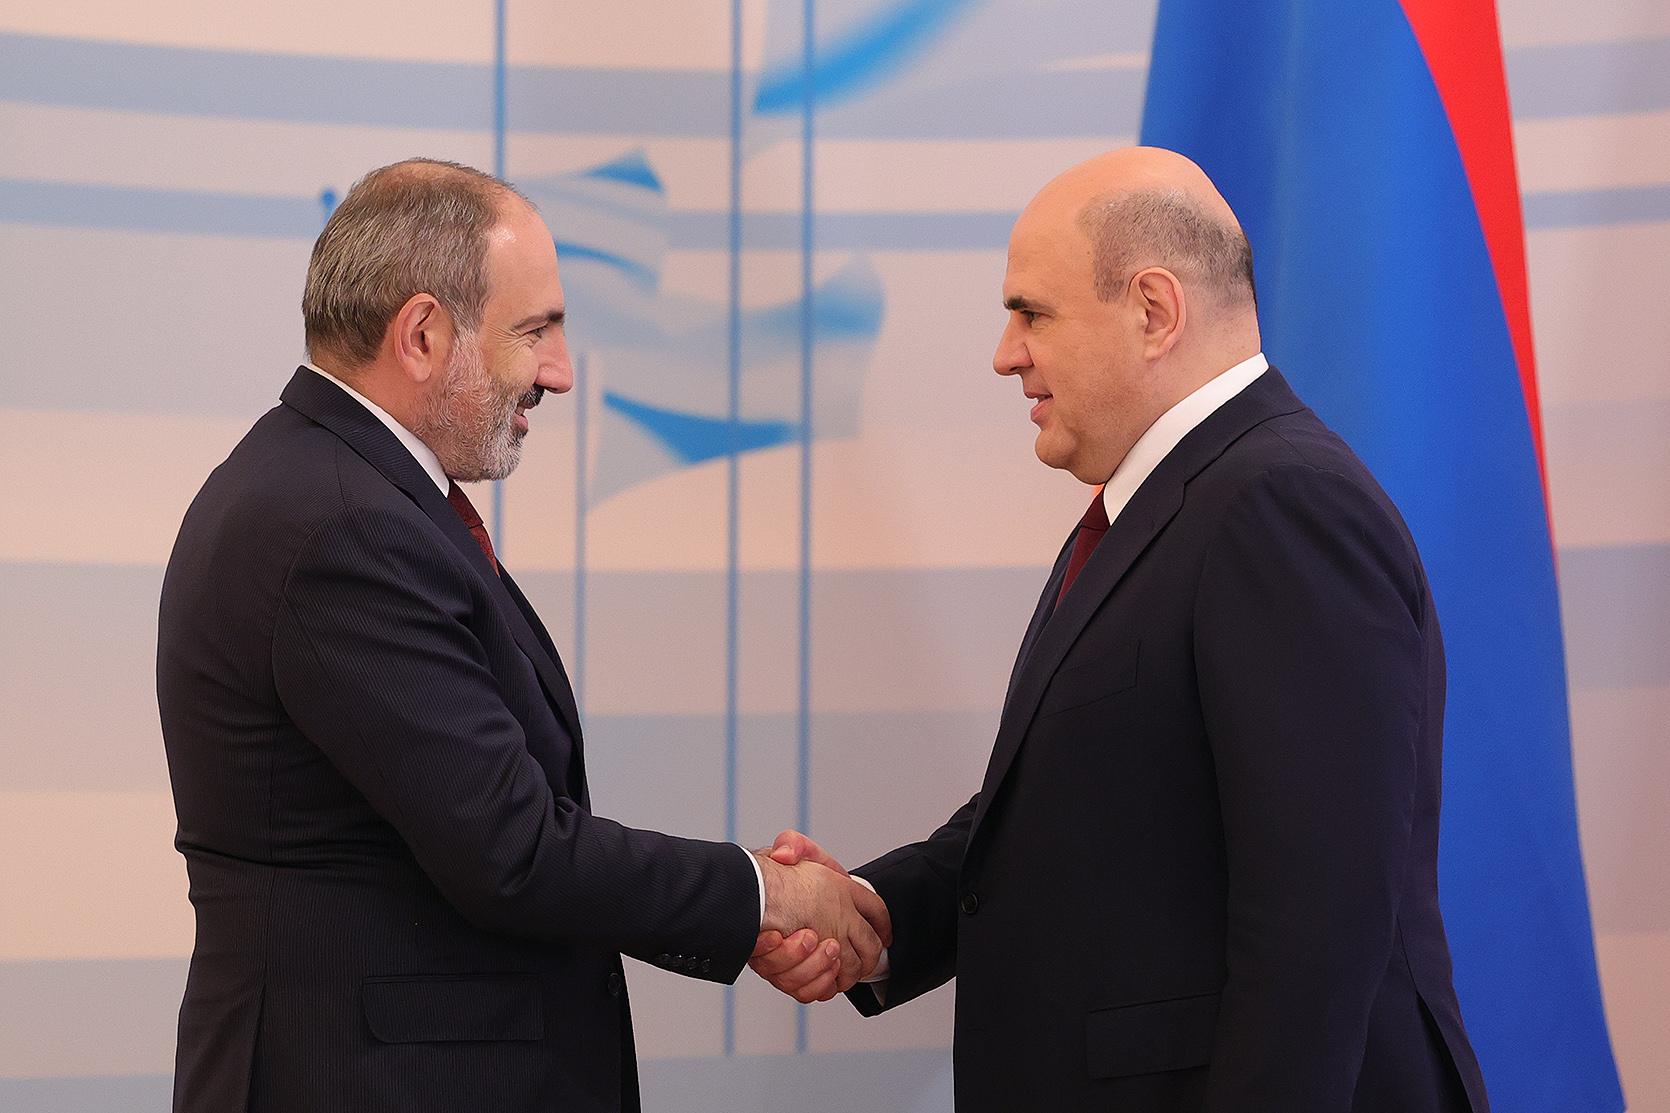 желаю Вам, уважаемый Михаил Владимирович, доброго здоровья, счастья и новых успехов в Вашей государственной деятельности, а всем россиянам – мира и процветания